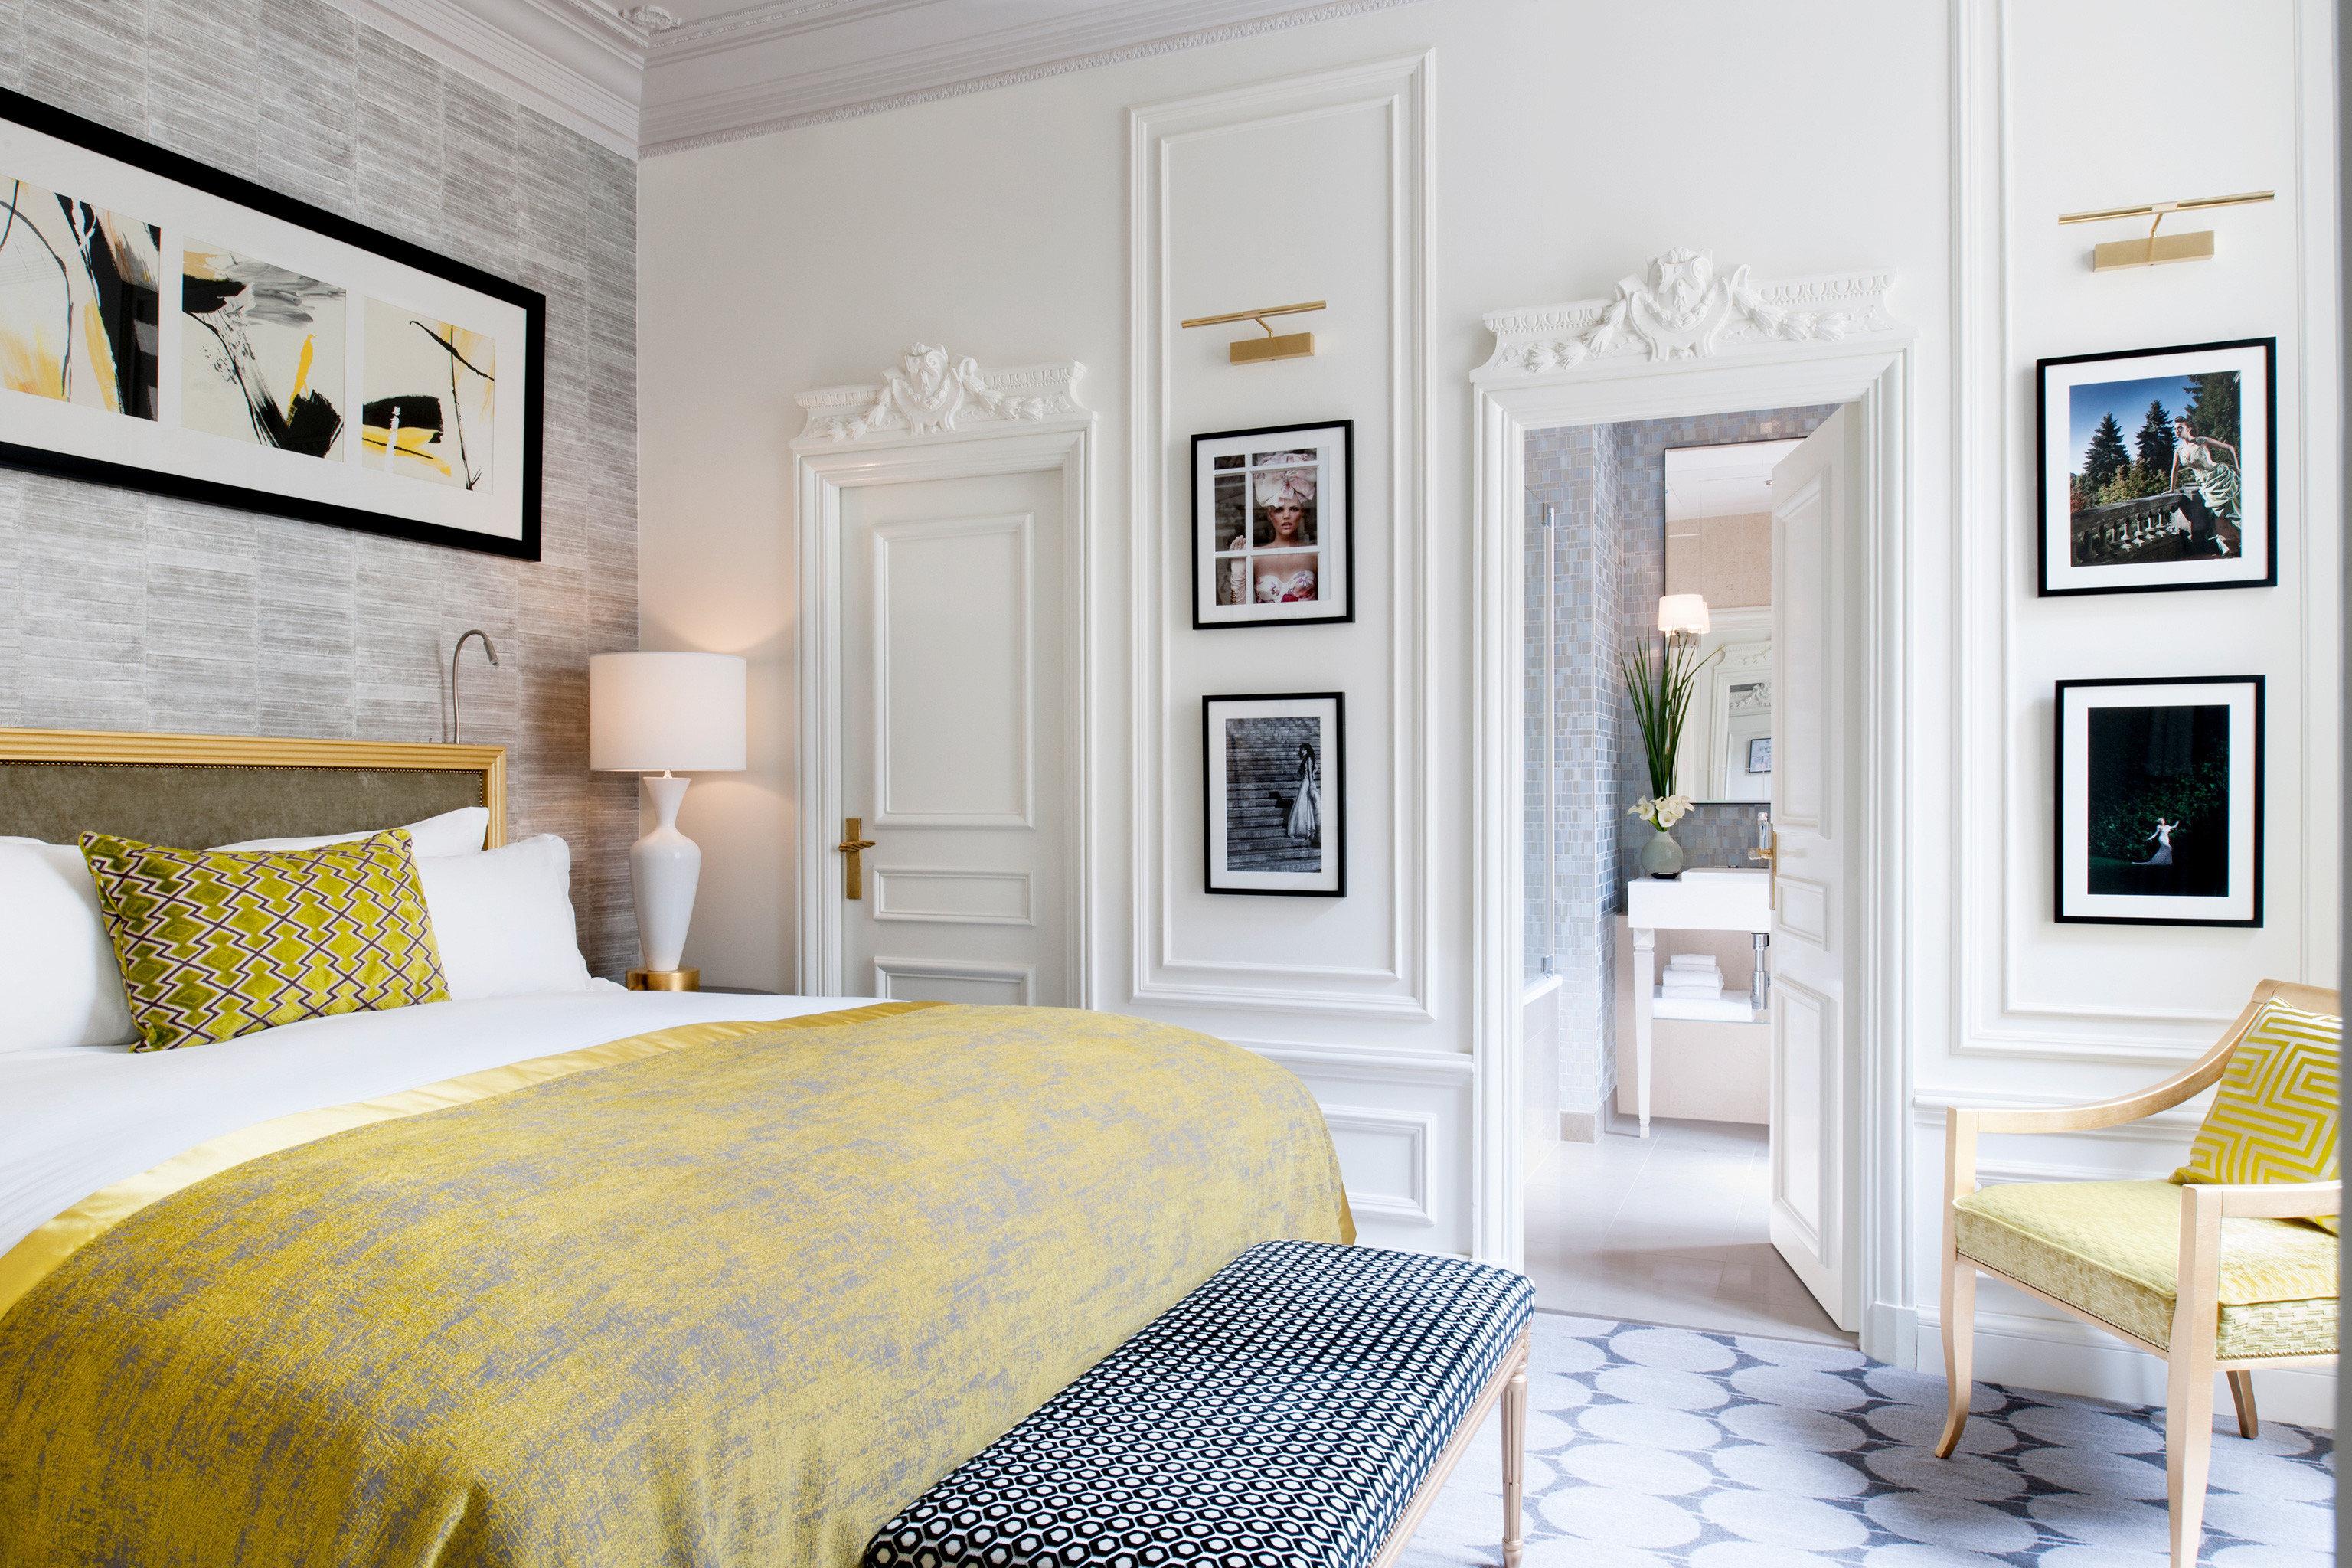 Bath Bedroom Elegant Luxury Modern Suite property home living room cottage